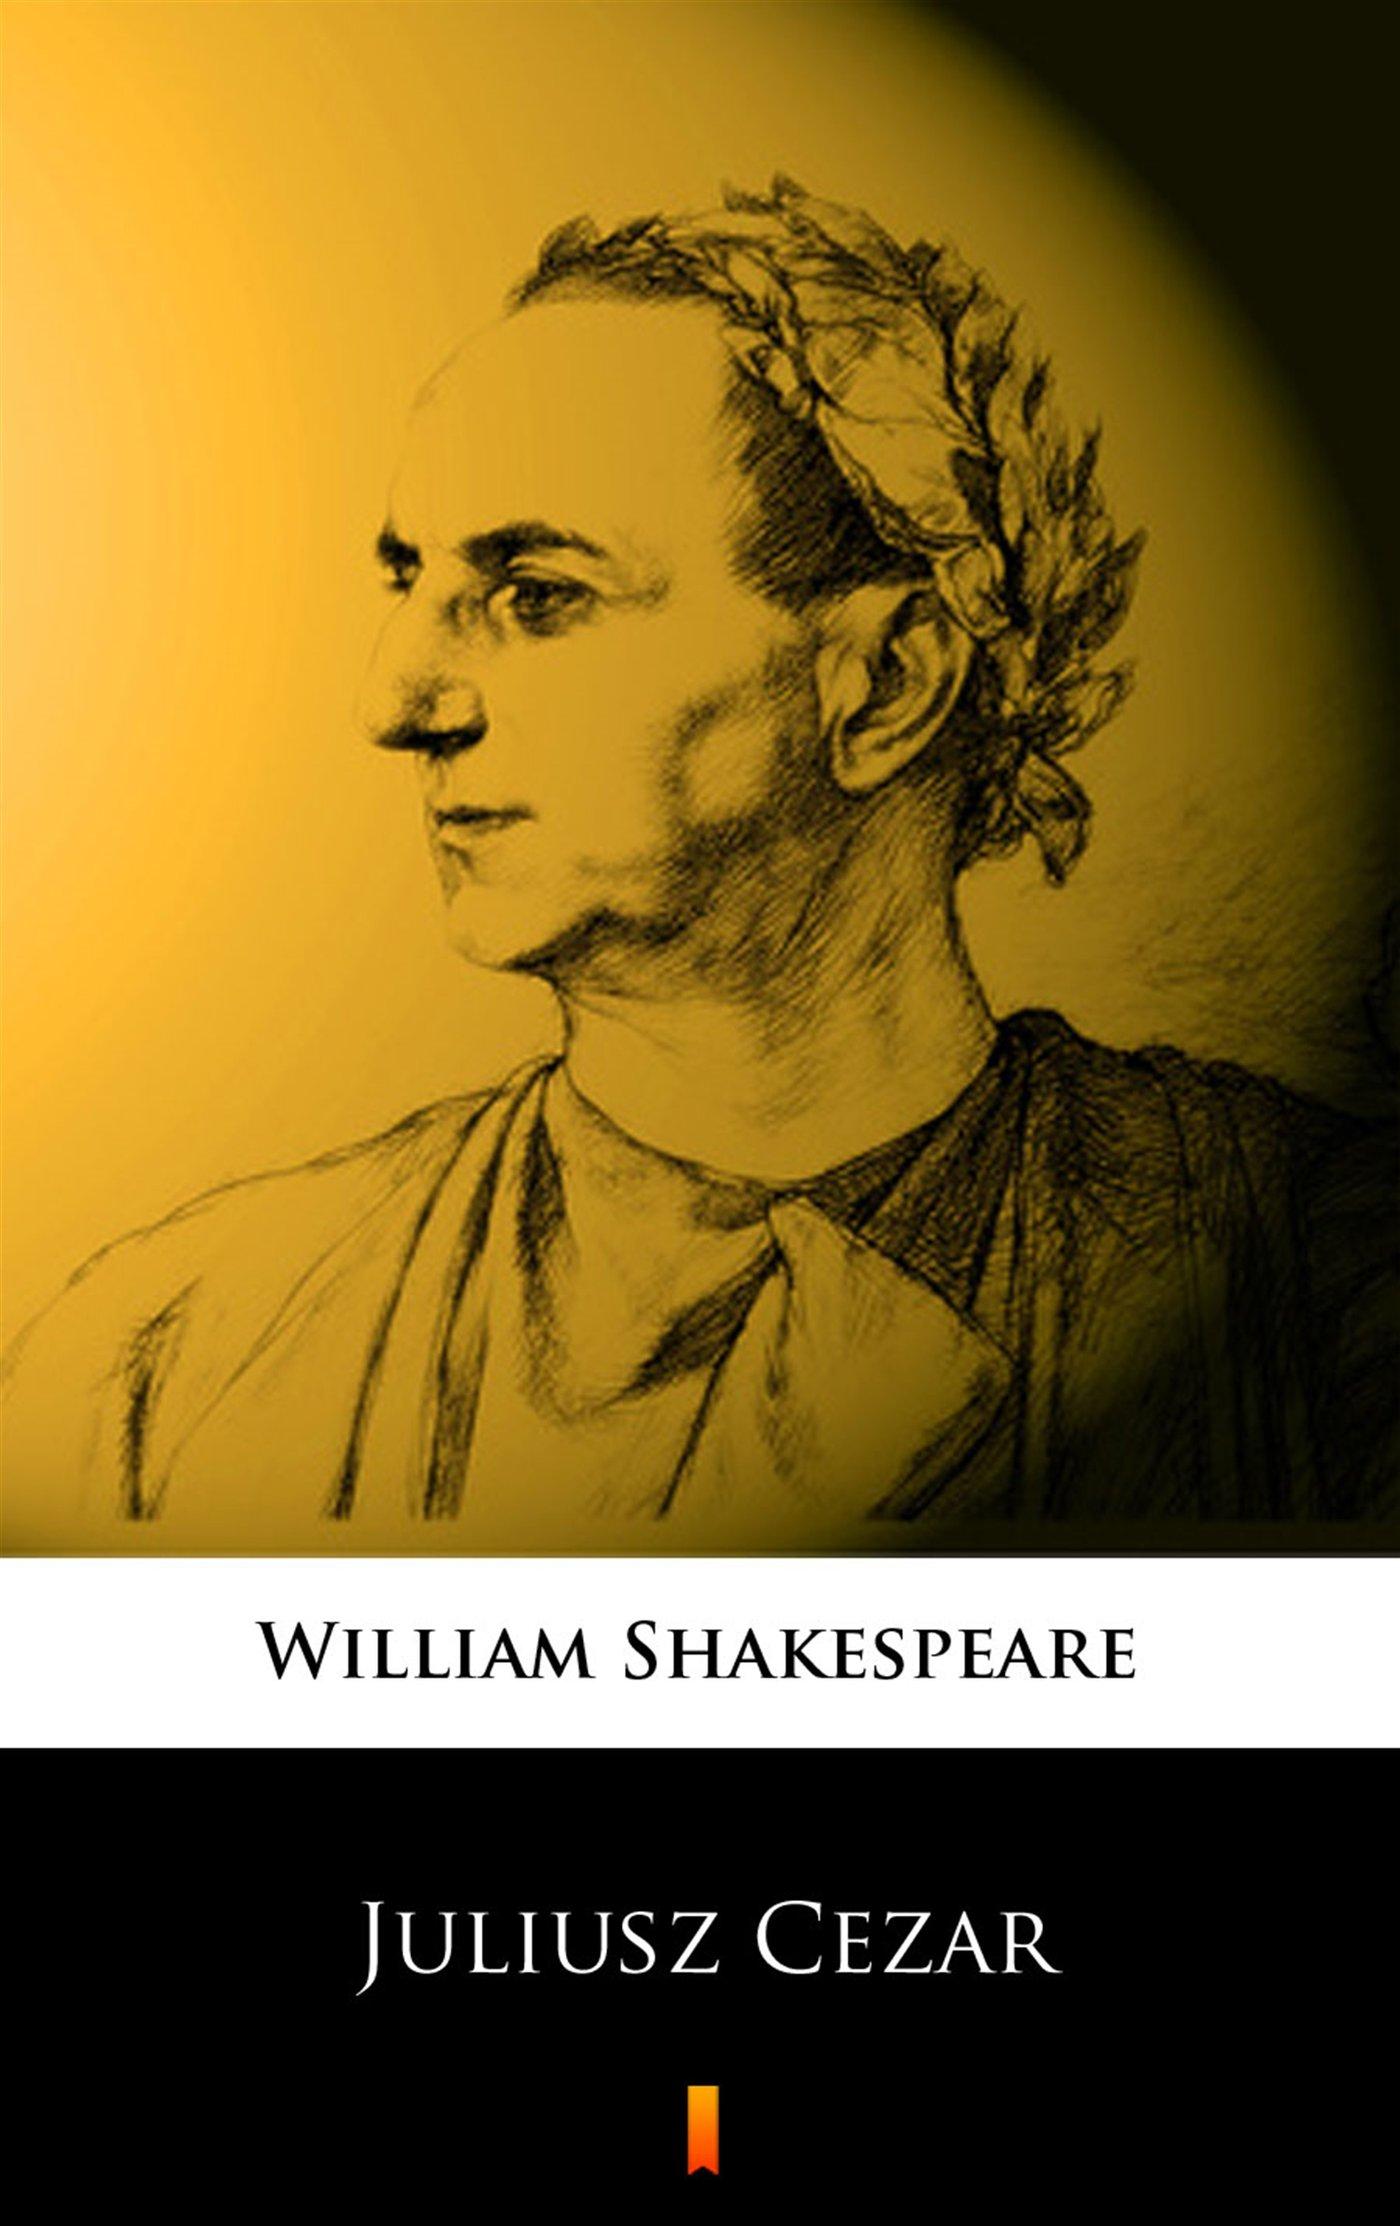 Juliusz Cezar - Ebook (Książka na Kindle) do pobrania w formacie MOBI